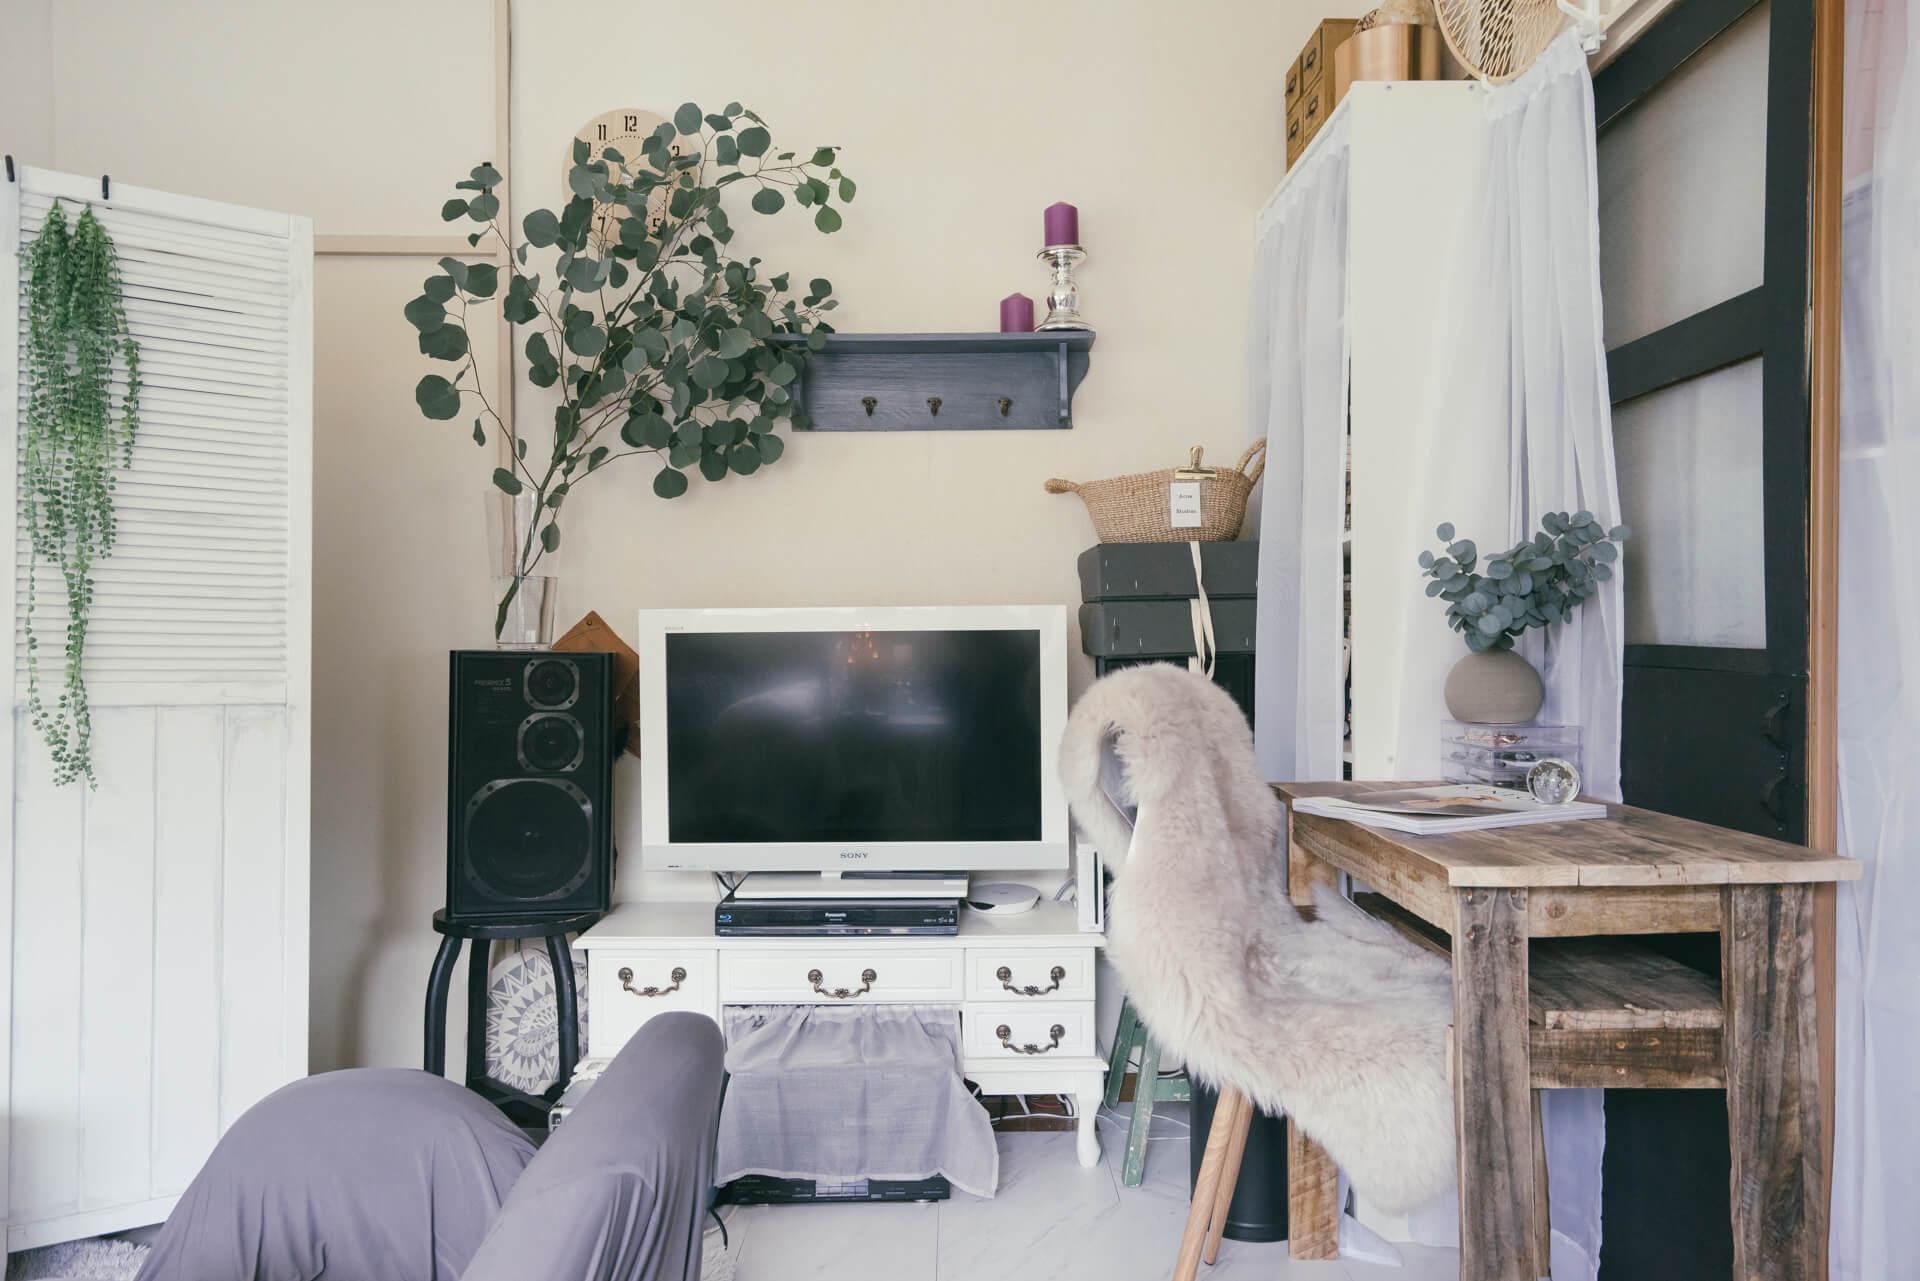 背の高い家具も、白い布で目隠しをすると、ごちゃごちゃ感をスッキリさせることができます。